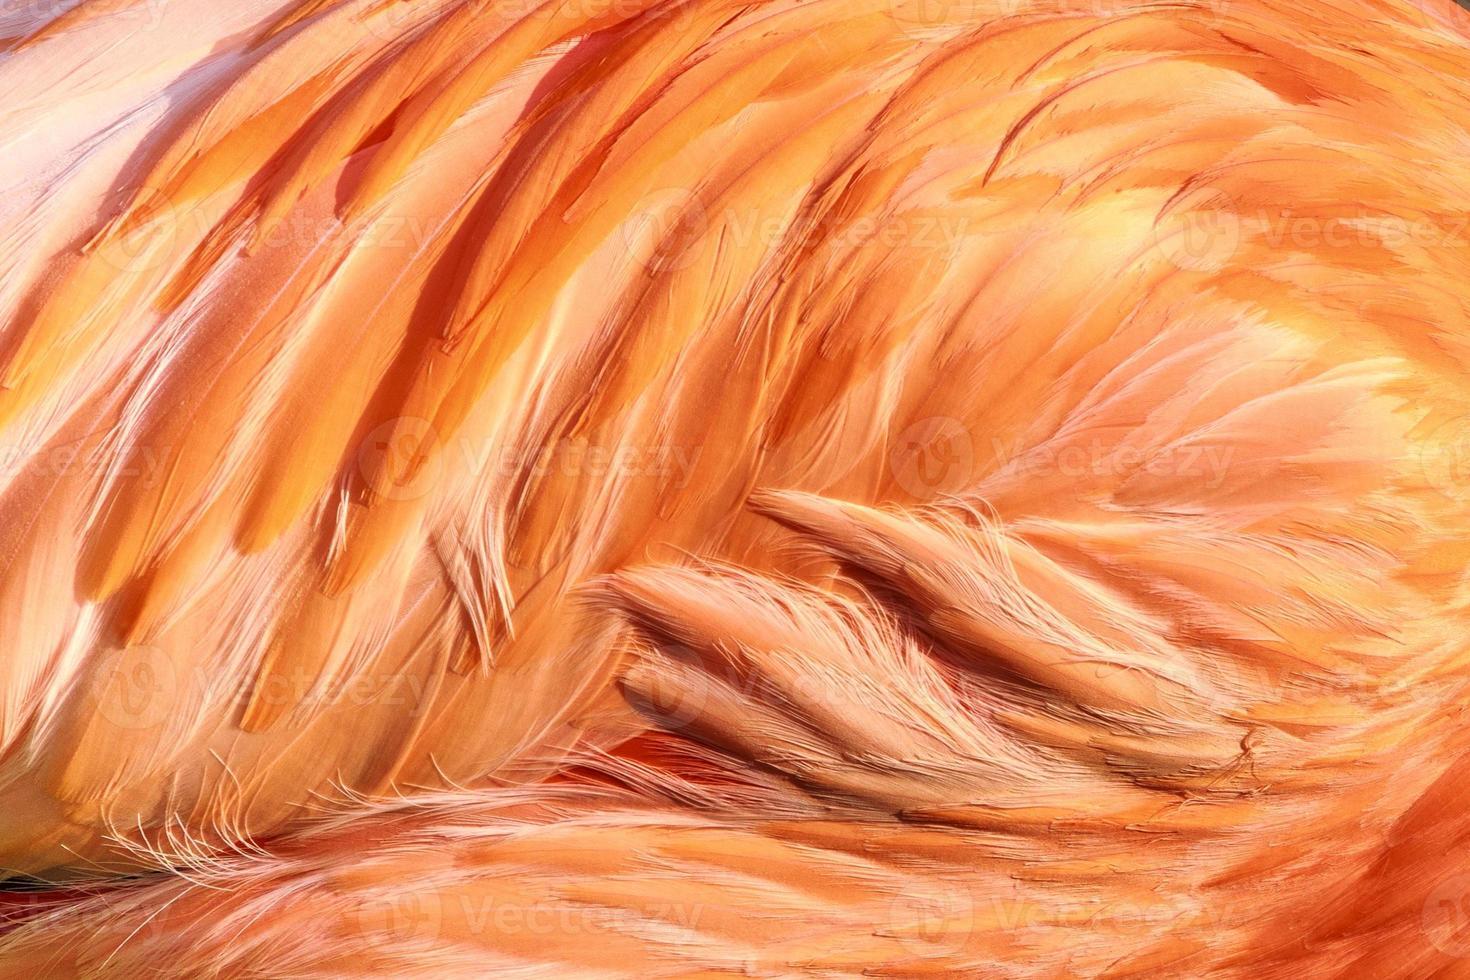 detail van flamingo's veer foto